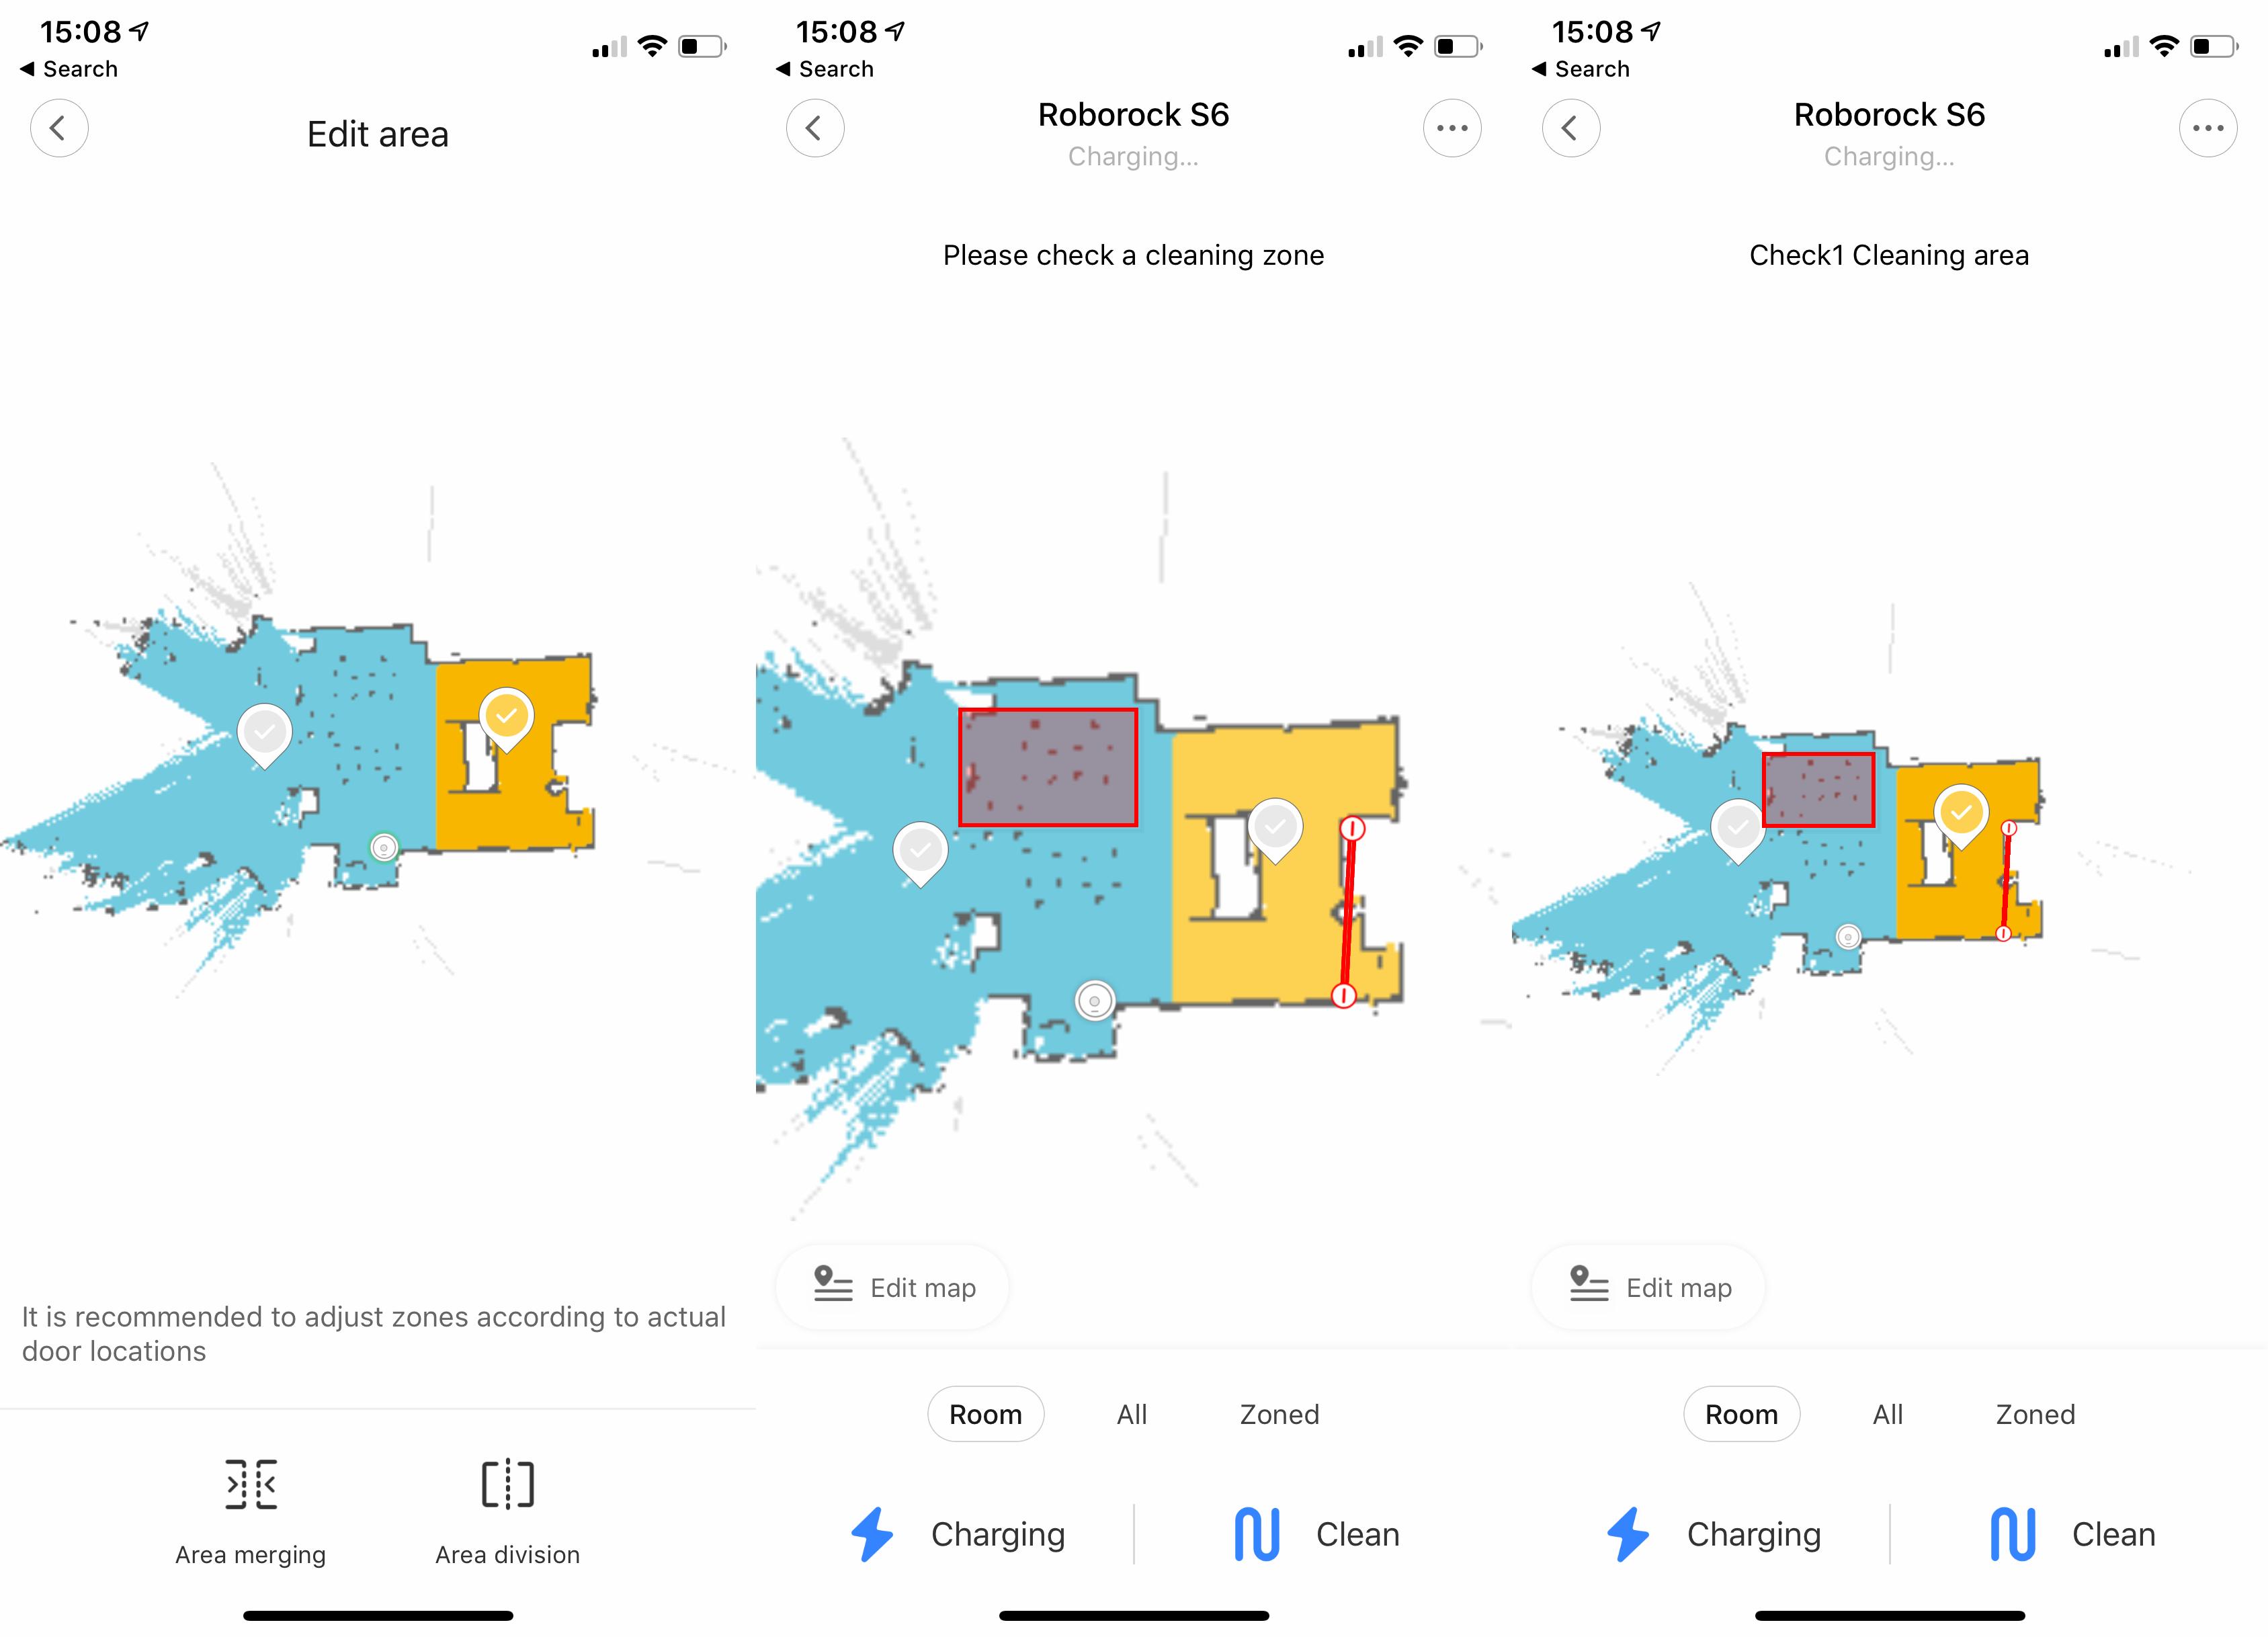 Roborock S6 map areas